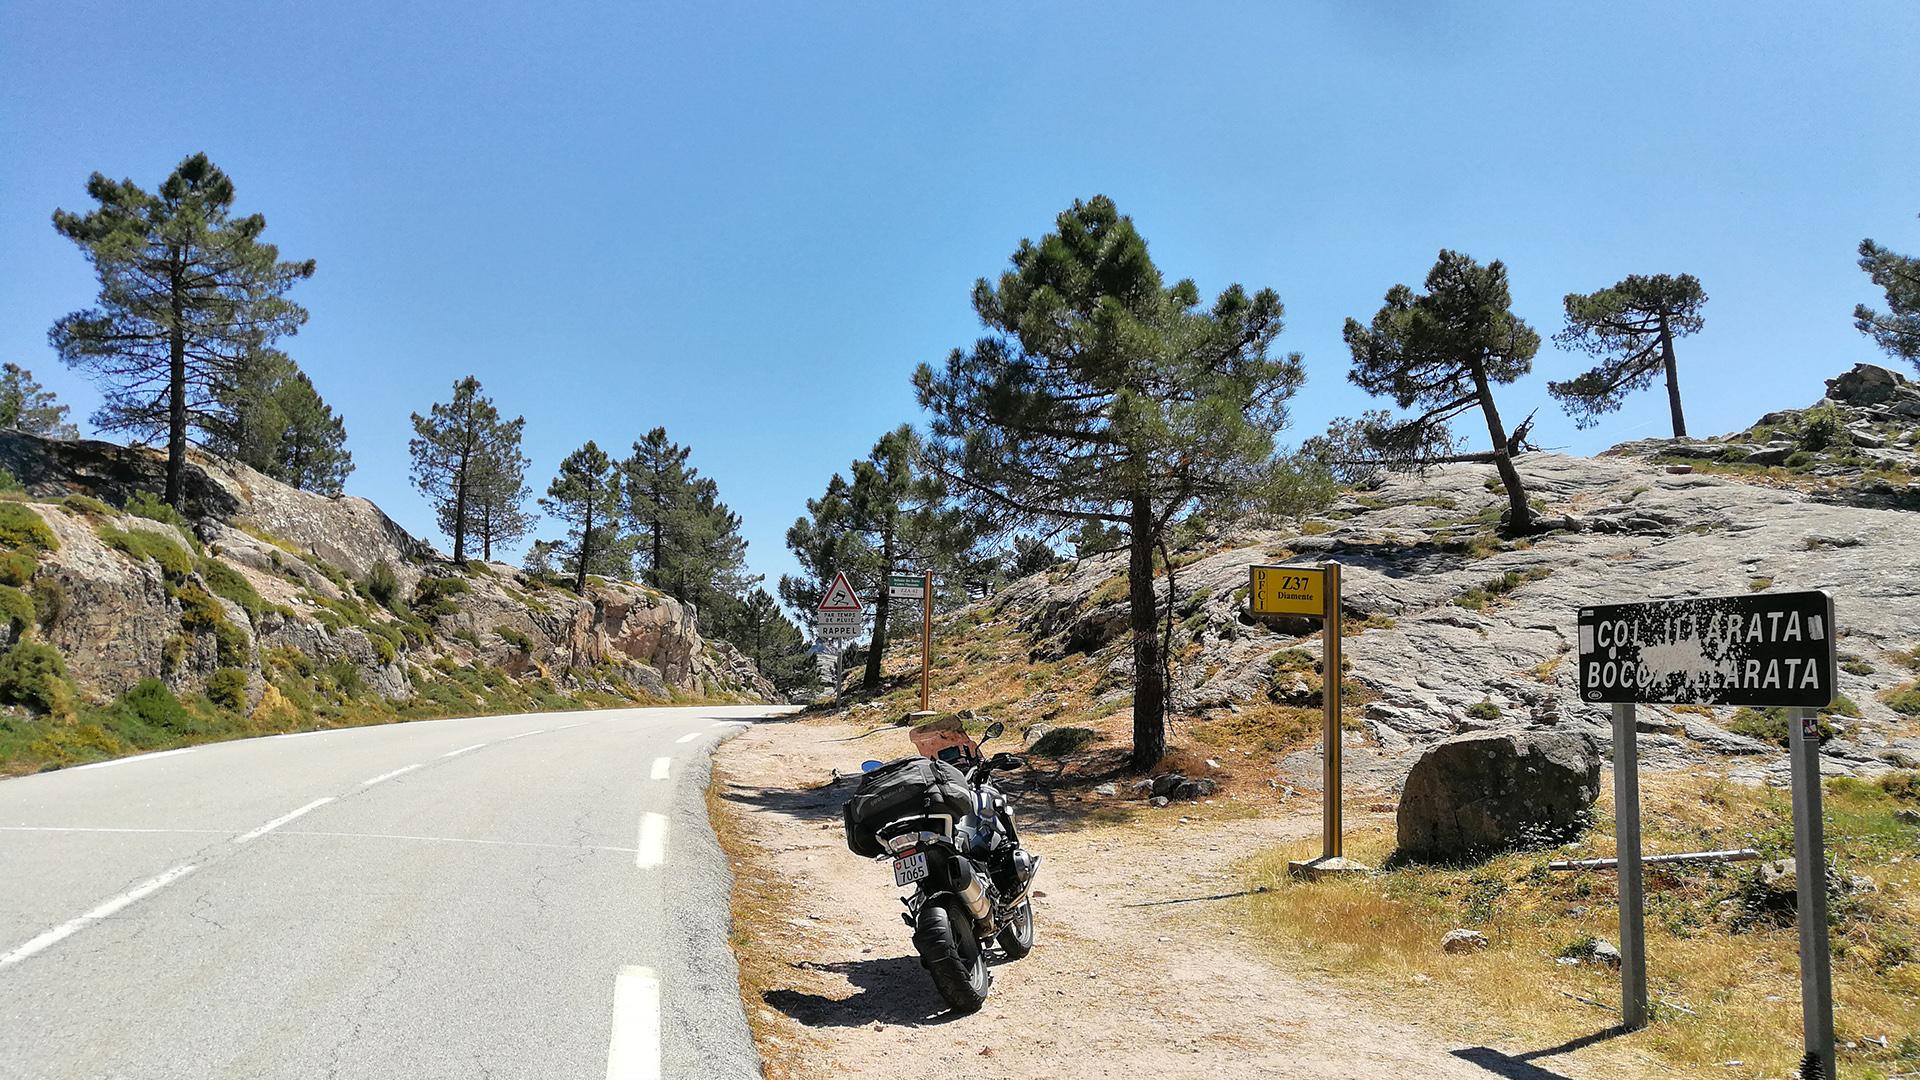 0992 - F (Corse) - Col Illarata (Bocca Illarata)